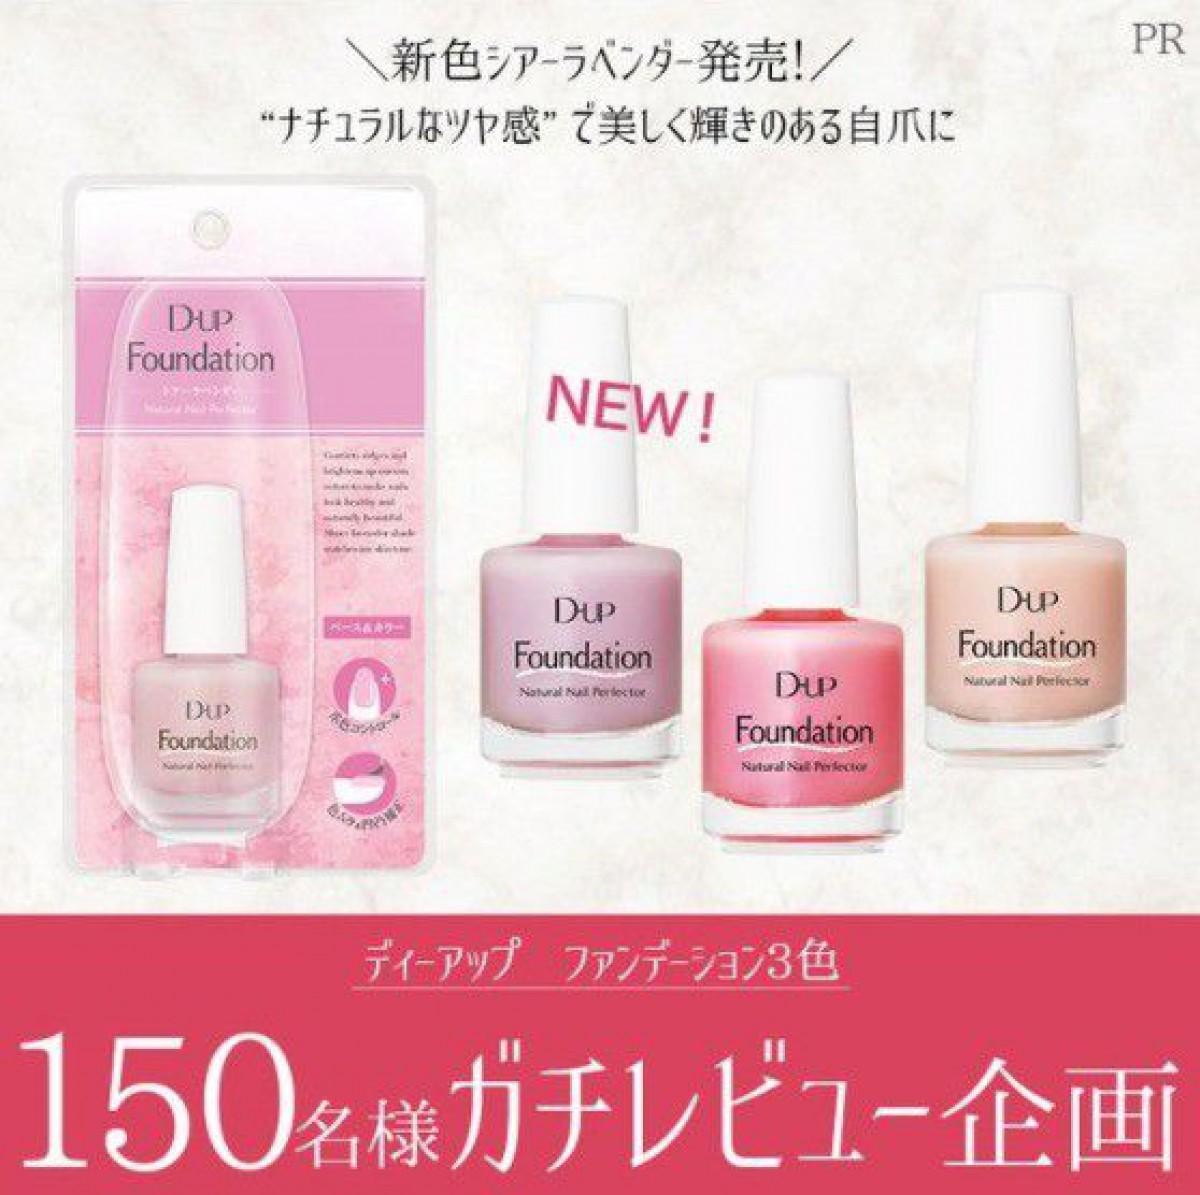 ディーアップ ファンデーションの商品モニターキャンペーン!